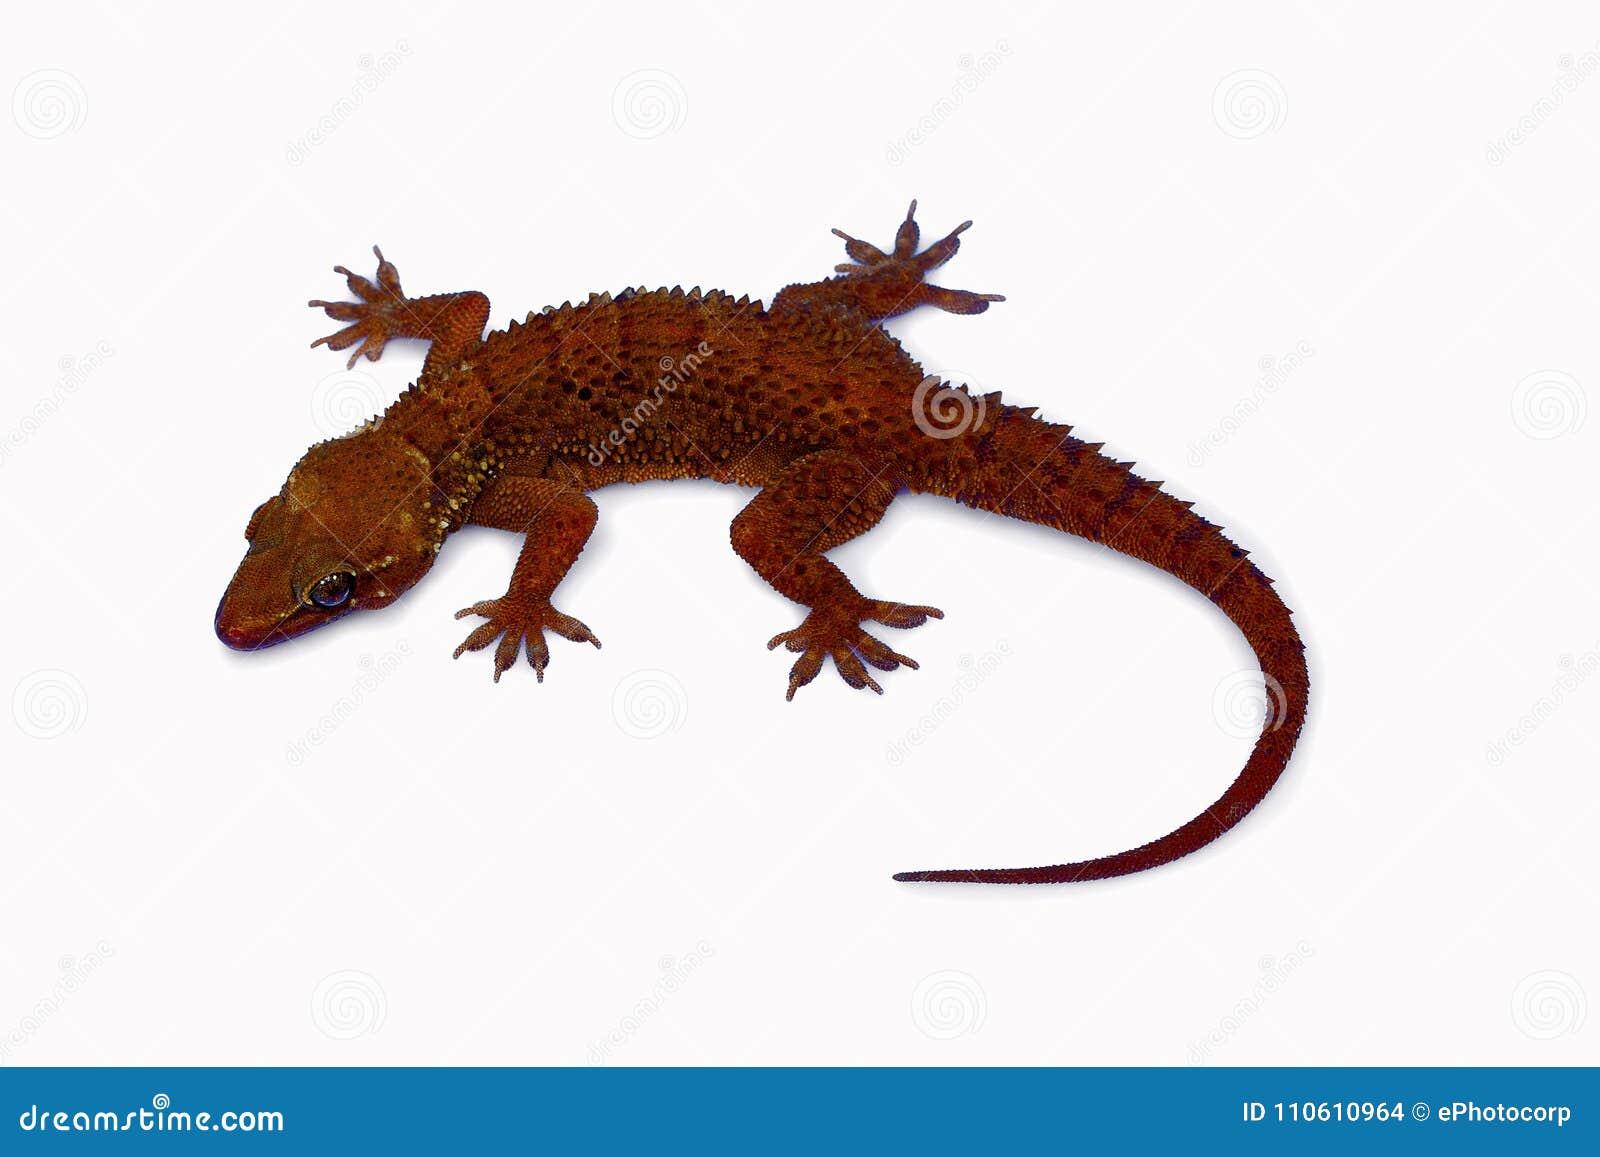 La feuille a botté le gecko avec la pointe du pied, parvimaculatus de Hemidactylus, réserve naturelle de Bhoramdeo, Chhattisgarh